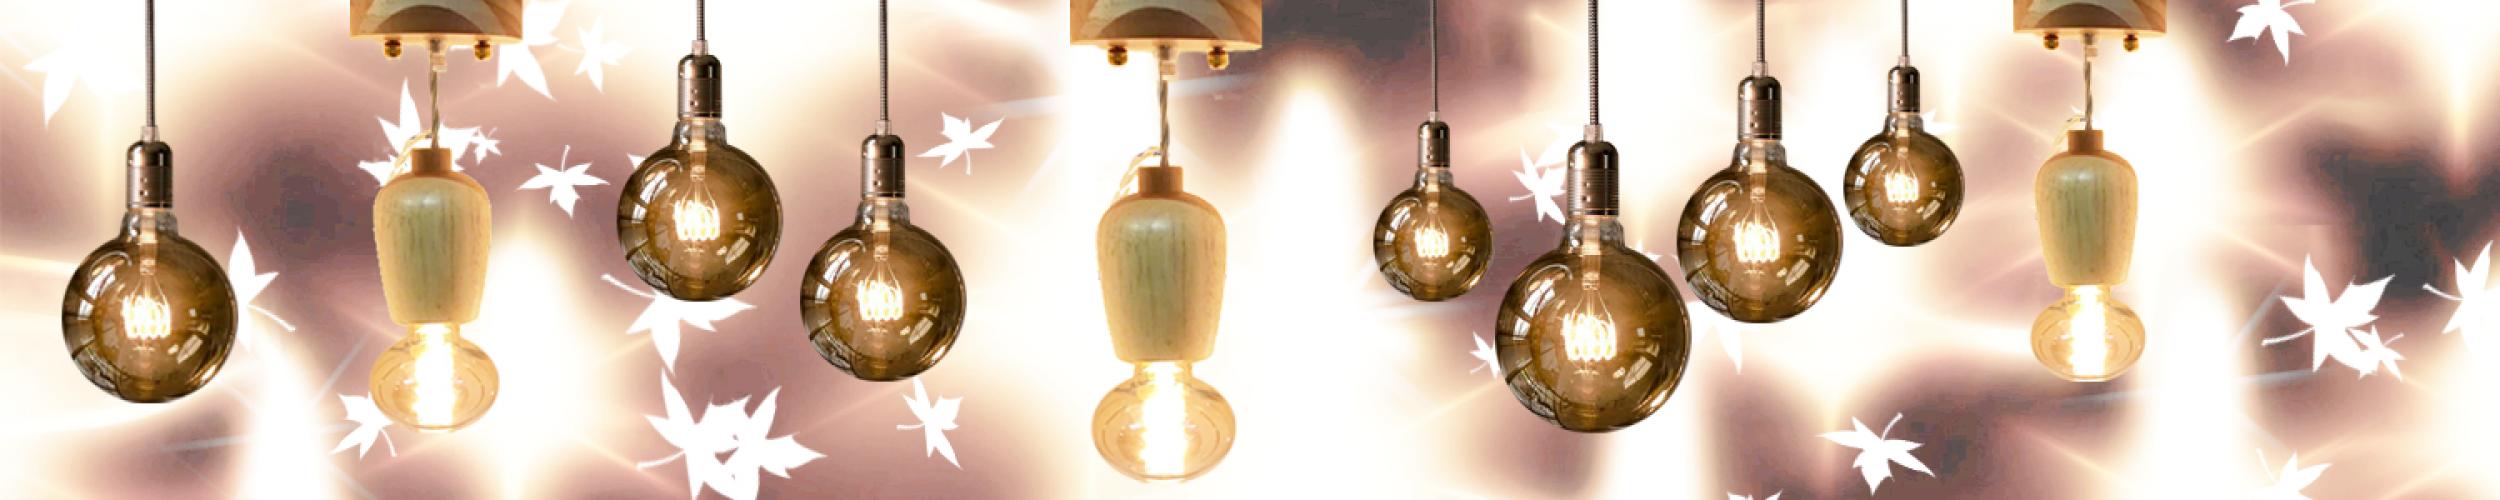 Residentiële elektriciteit, je elektricien aan huis voor verlichting, stijlvolle lampen van het merk bailey lights